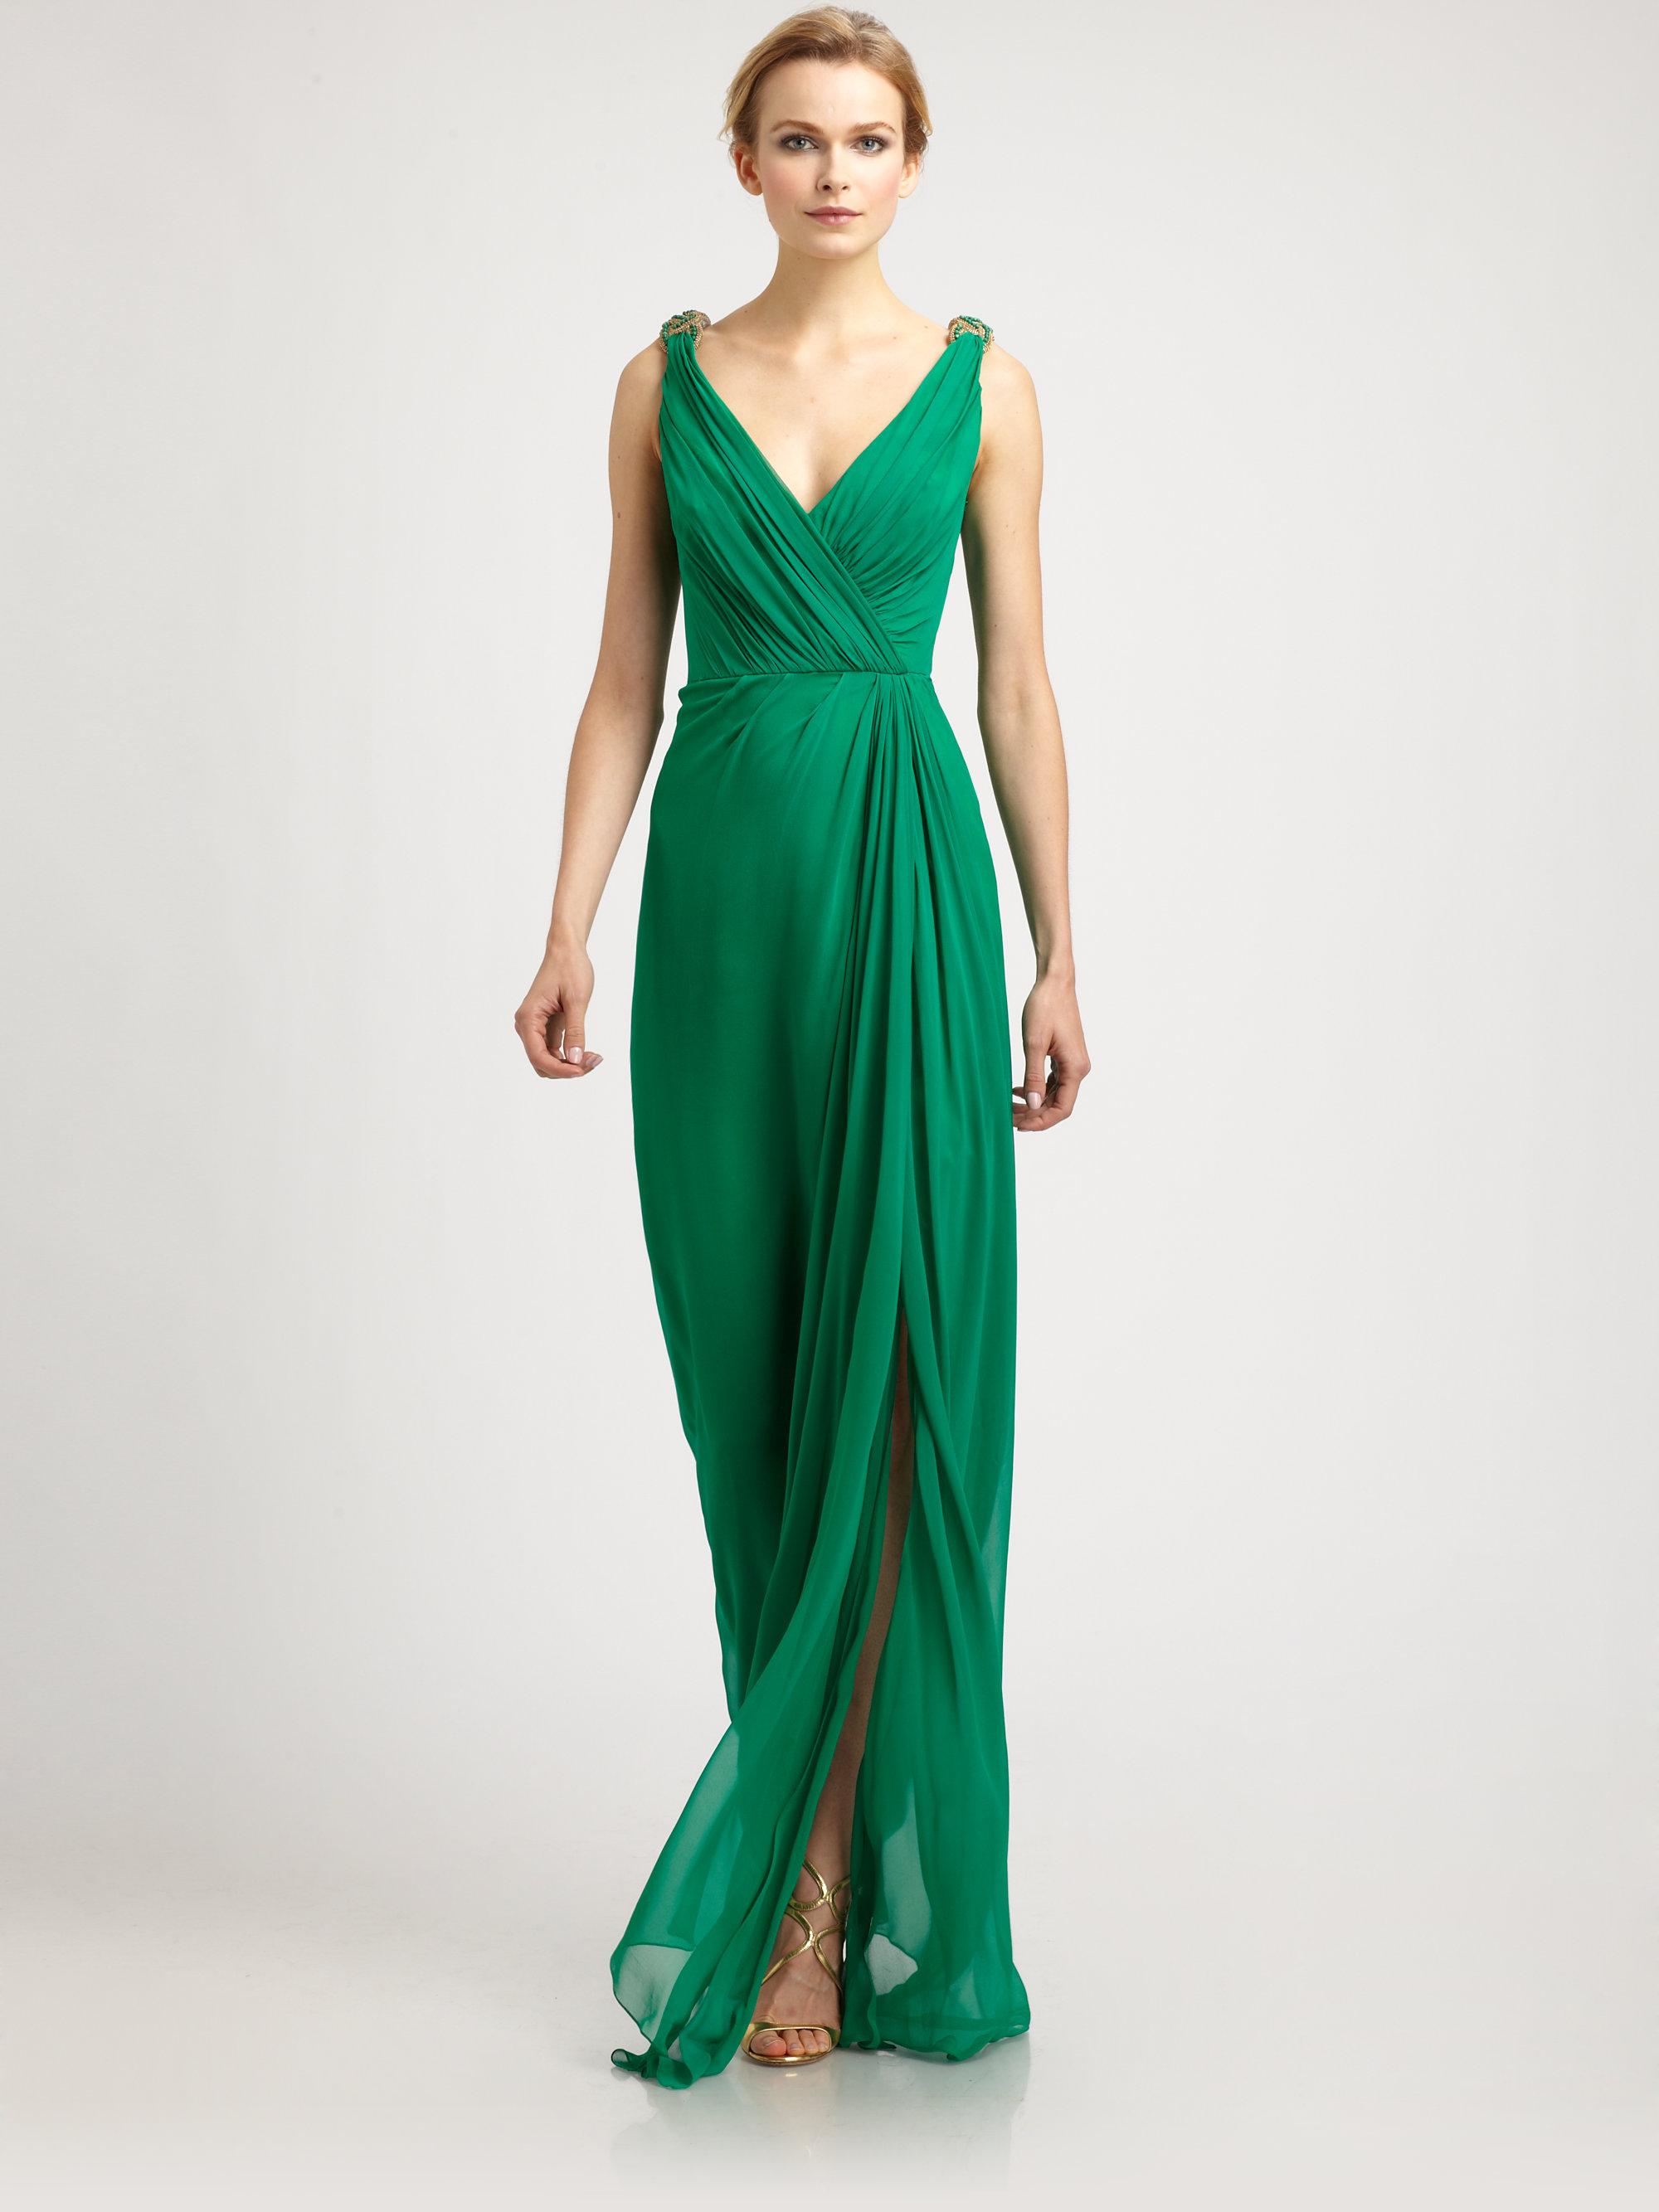 Green Chiffon Gown